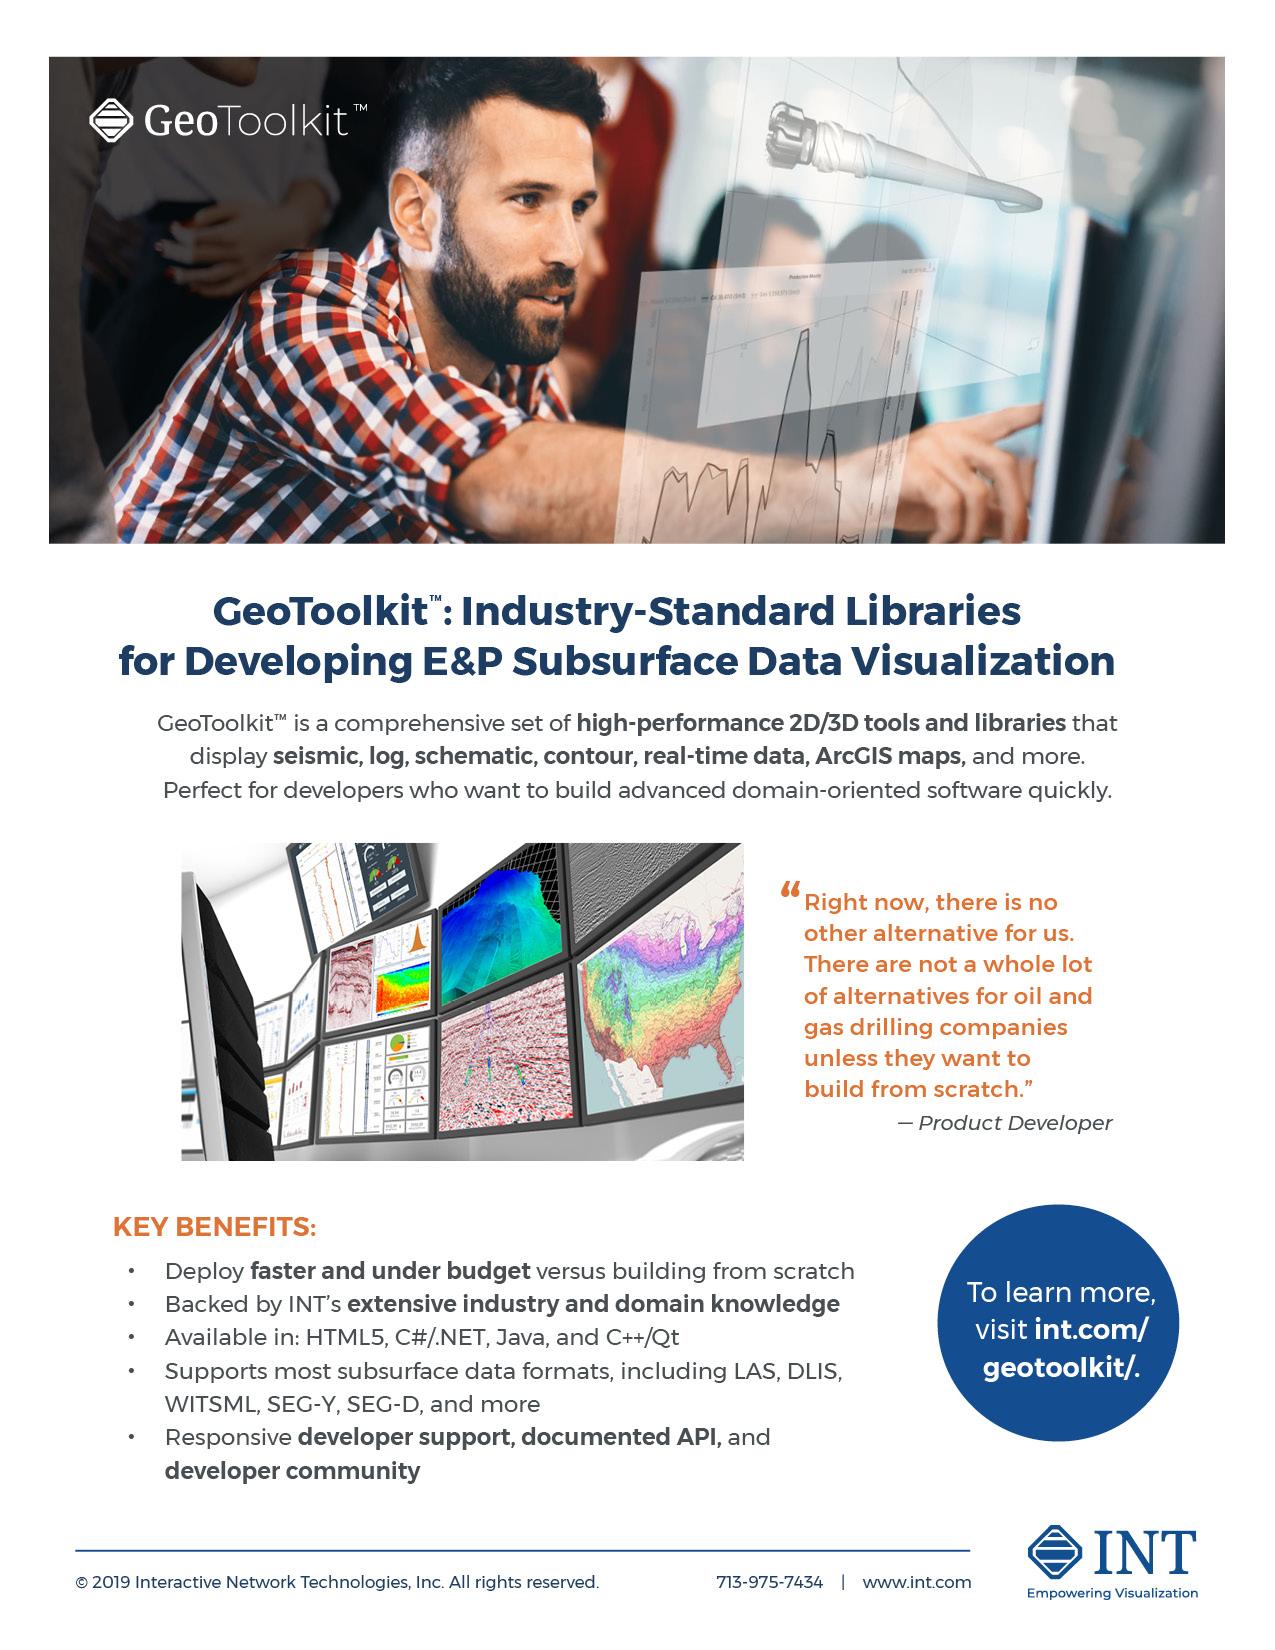 GeoToolkit brochure